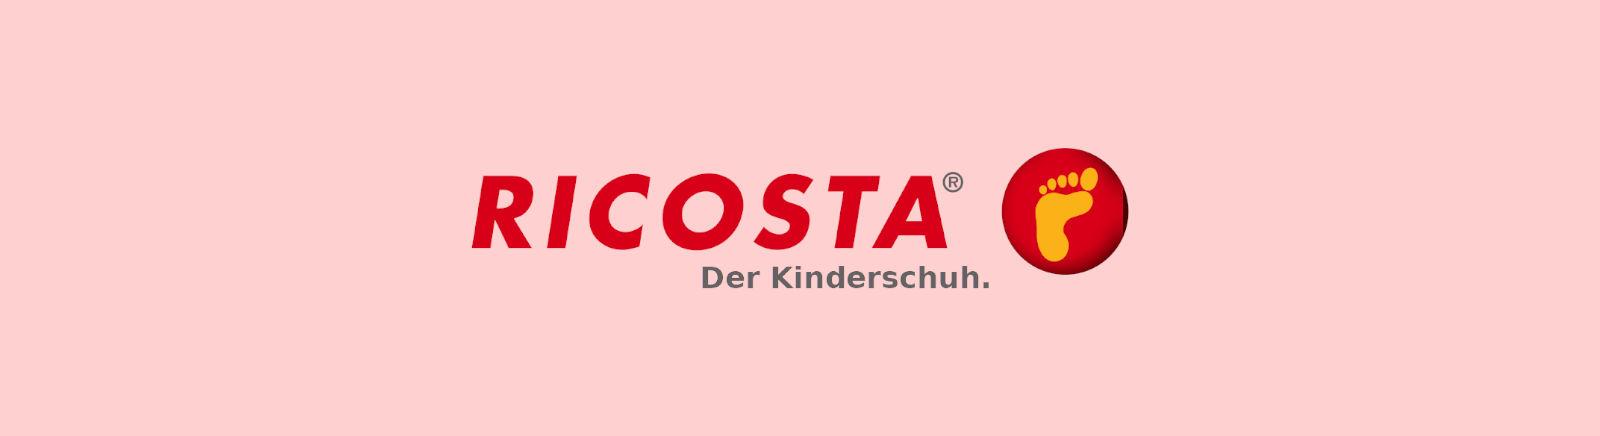 Ricosta Markenschuhe online kaufen im Shop von GISY